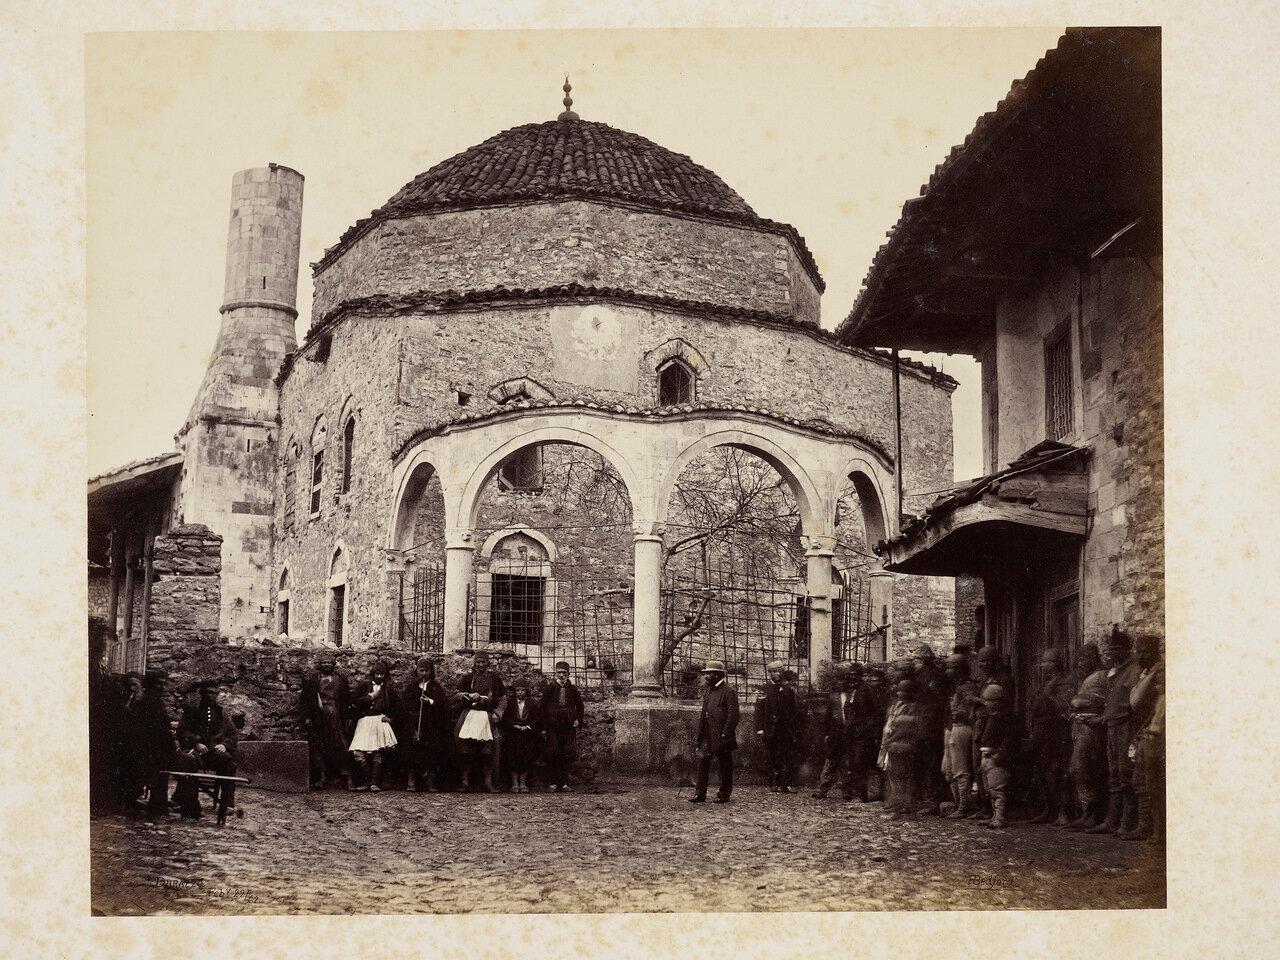 22 февраля 1862. Уличная сцена в Дурессе. Албания